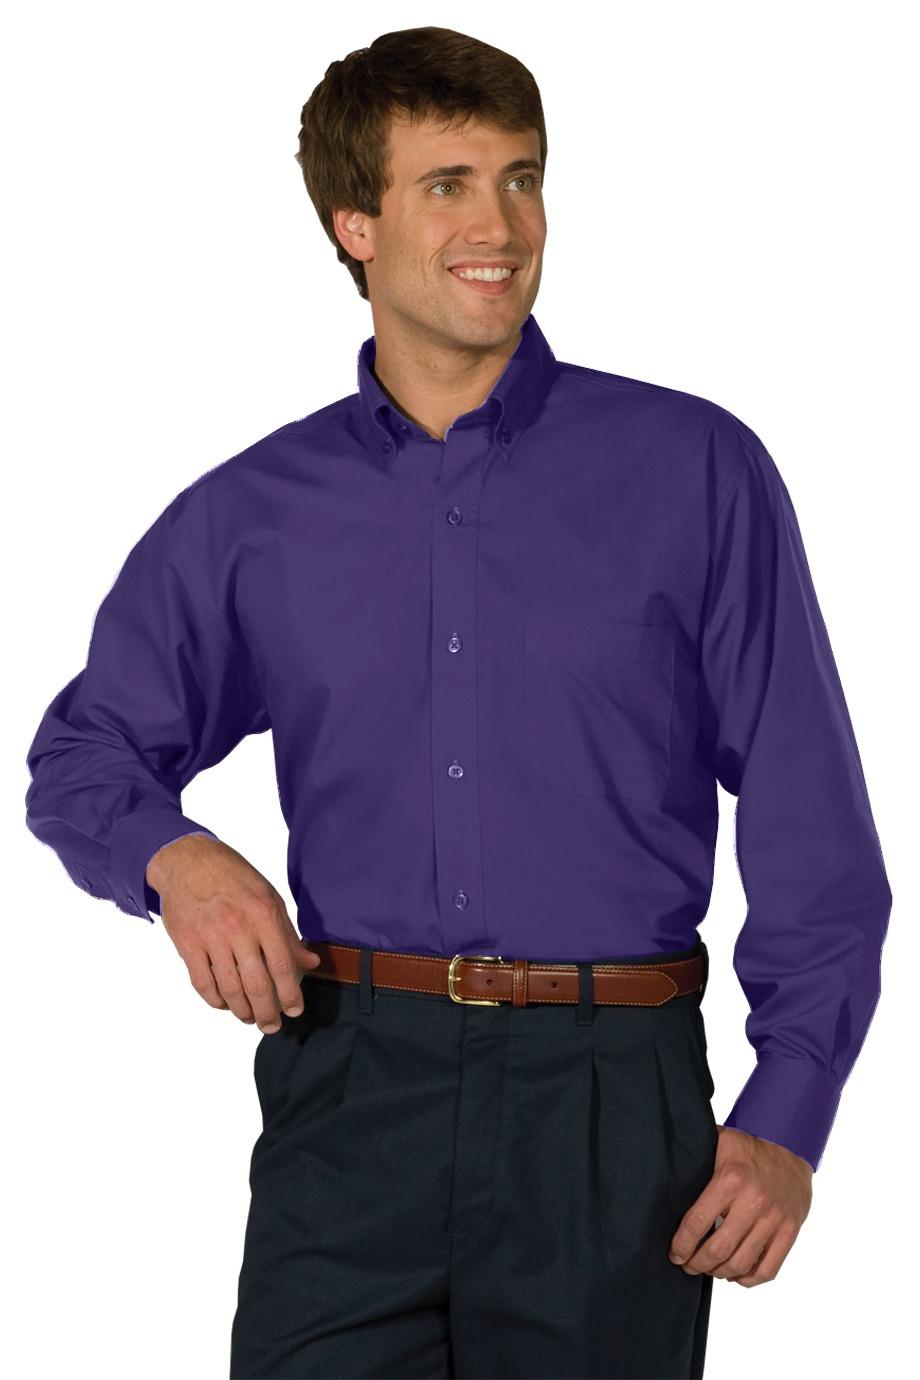 Edwards Garment 1295 - Men's Long Sleeve Soft Touch Poplin Shirt